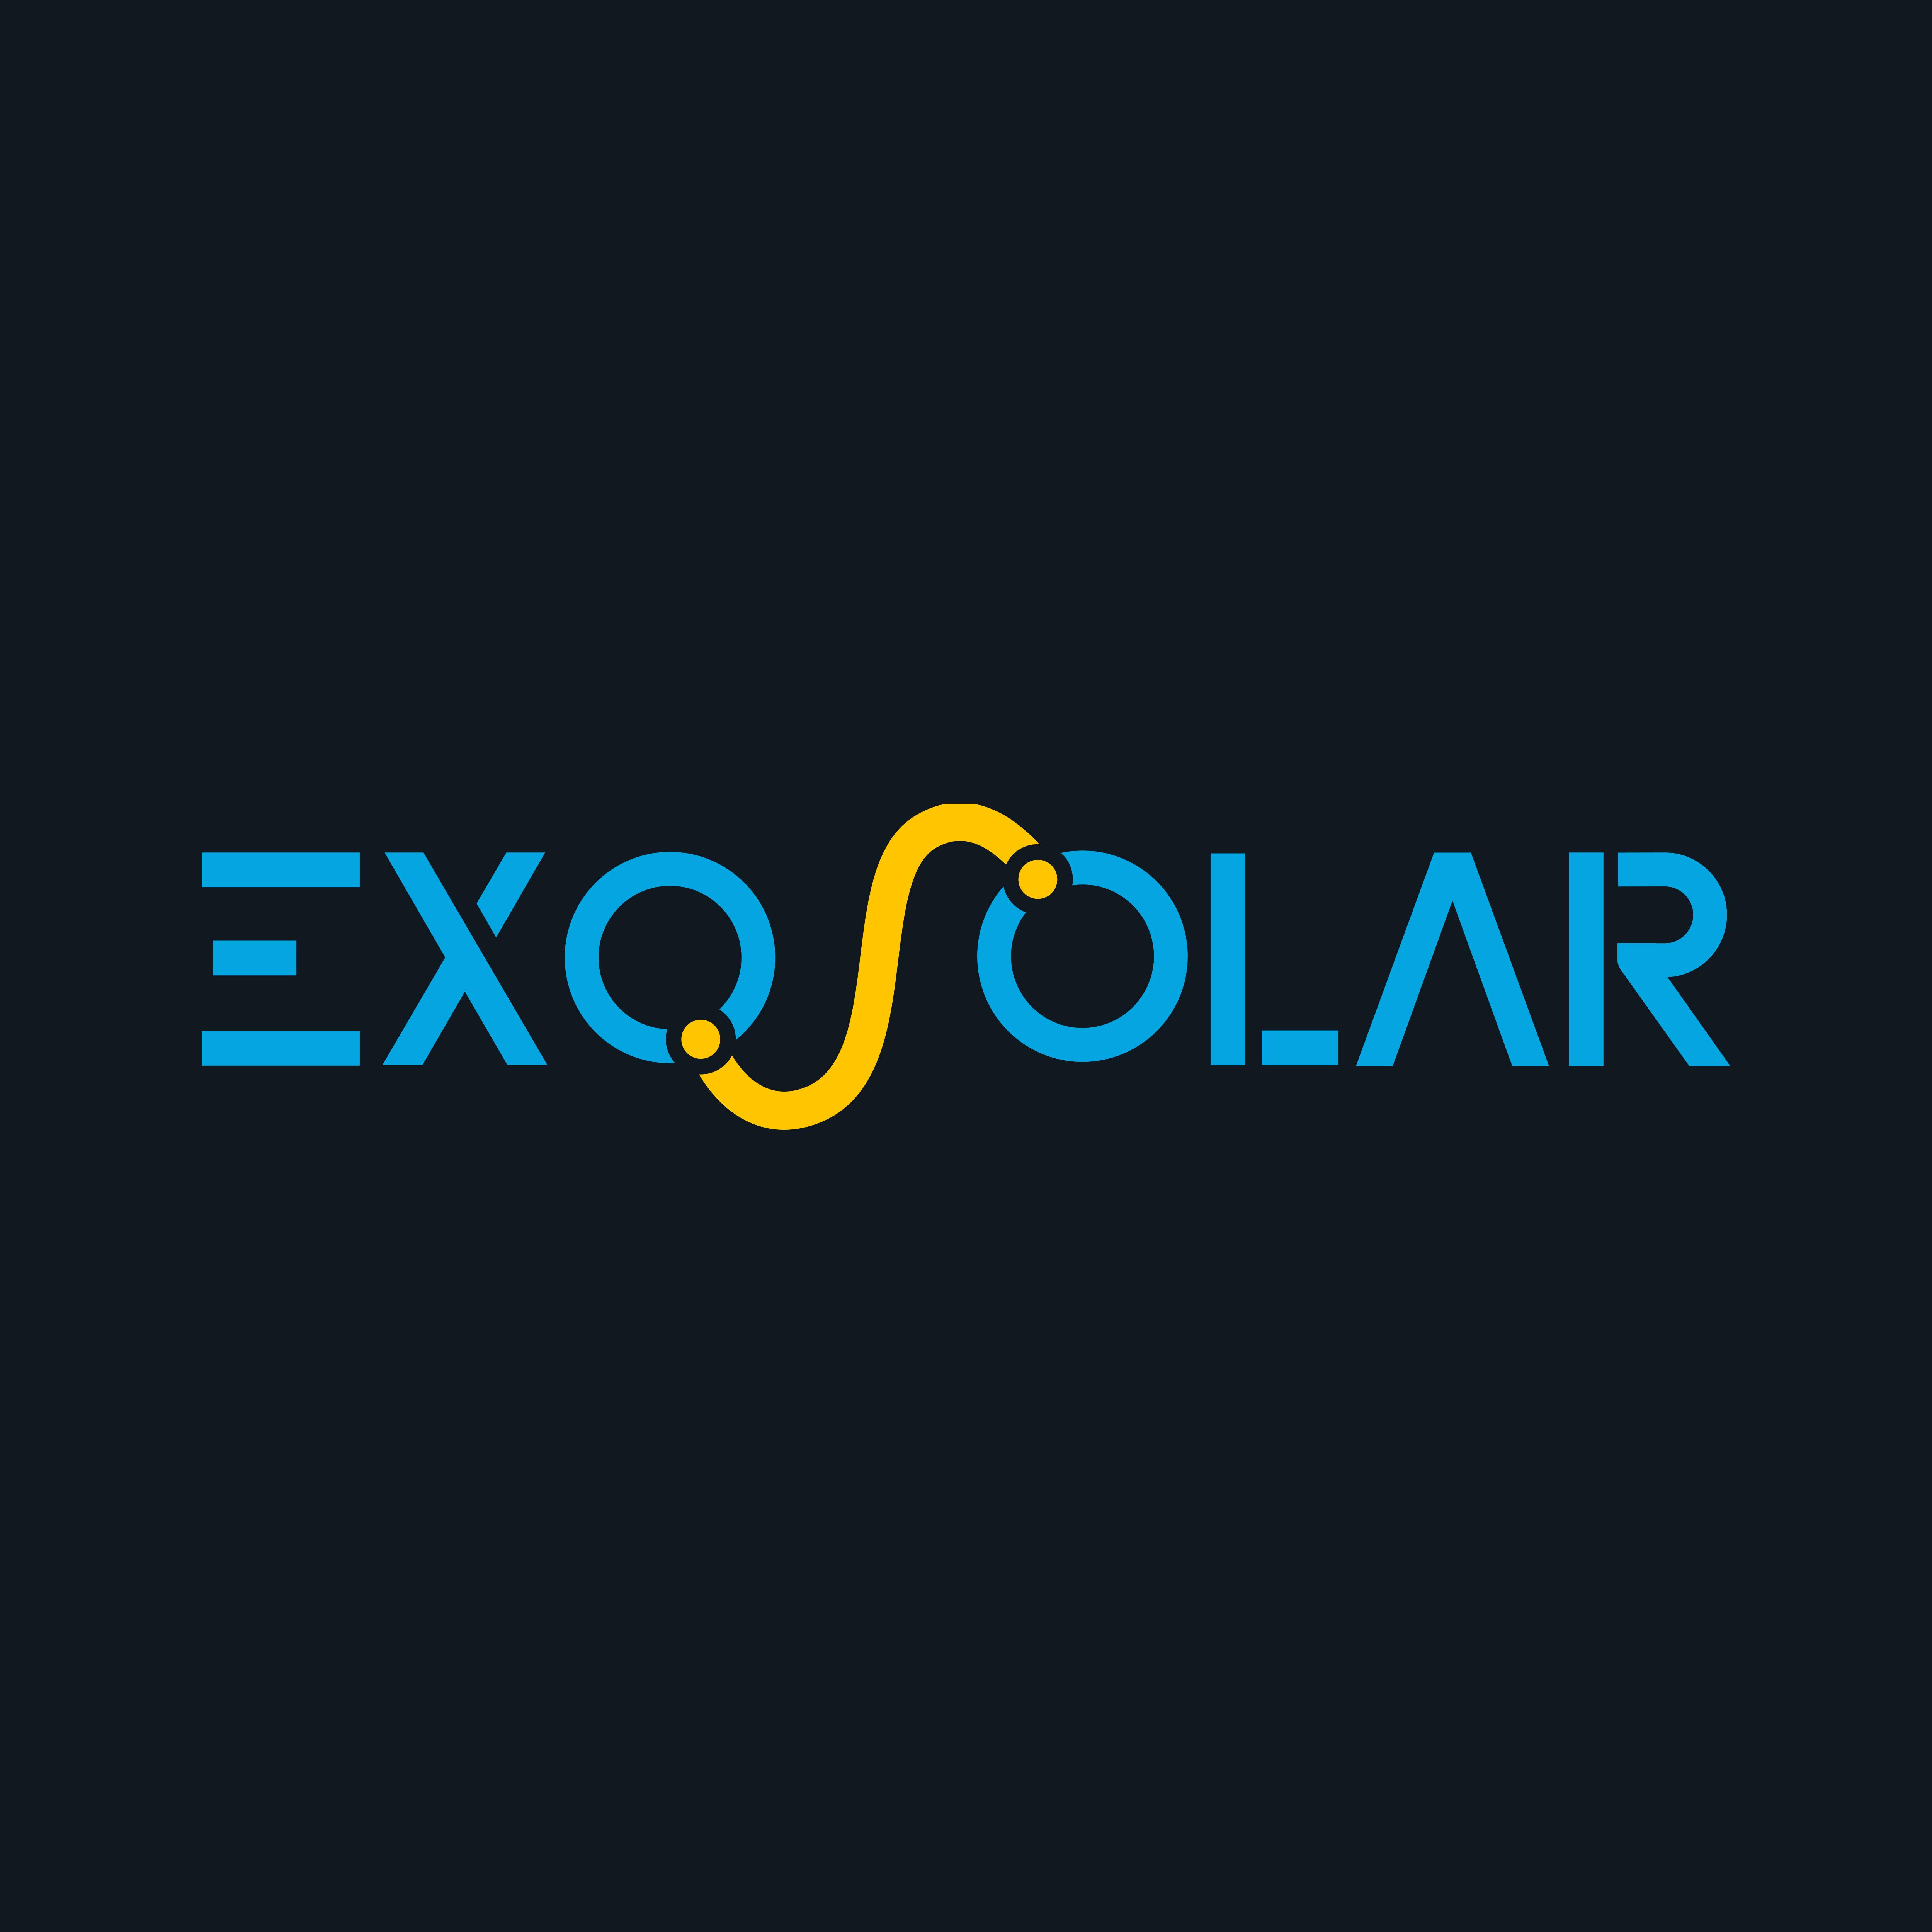 Exosolar